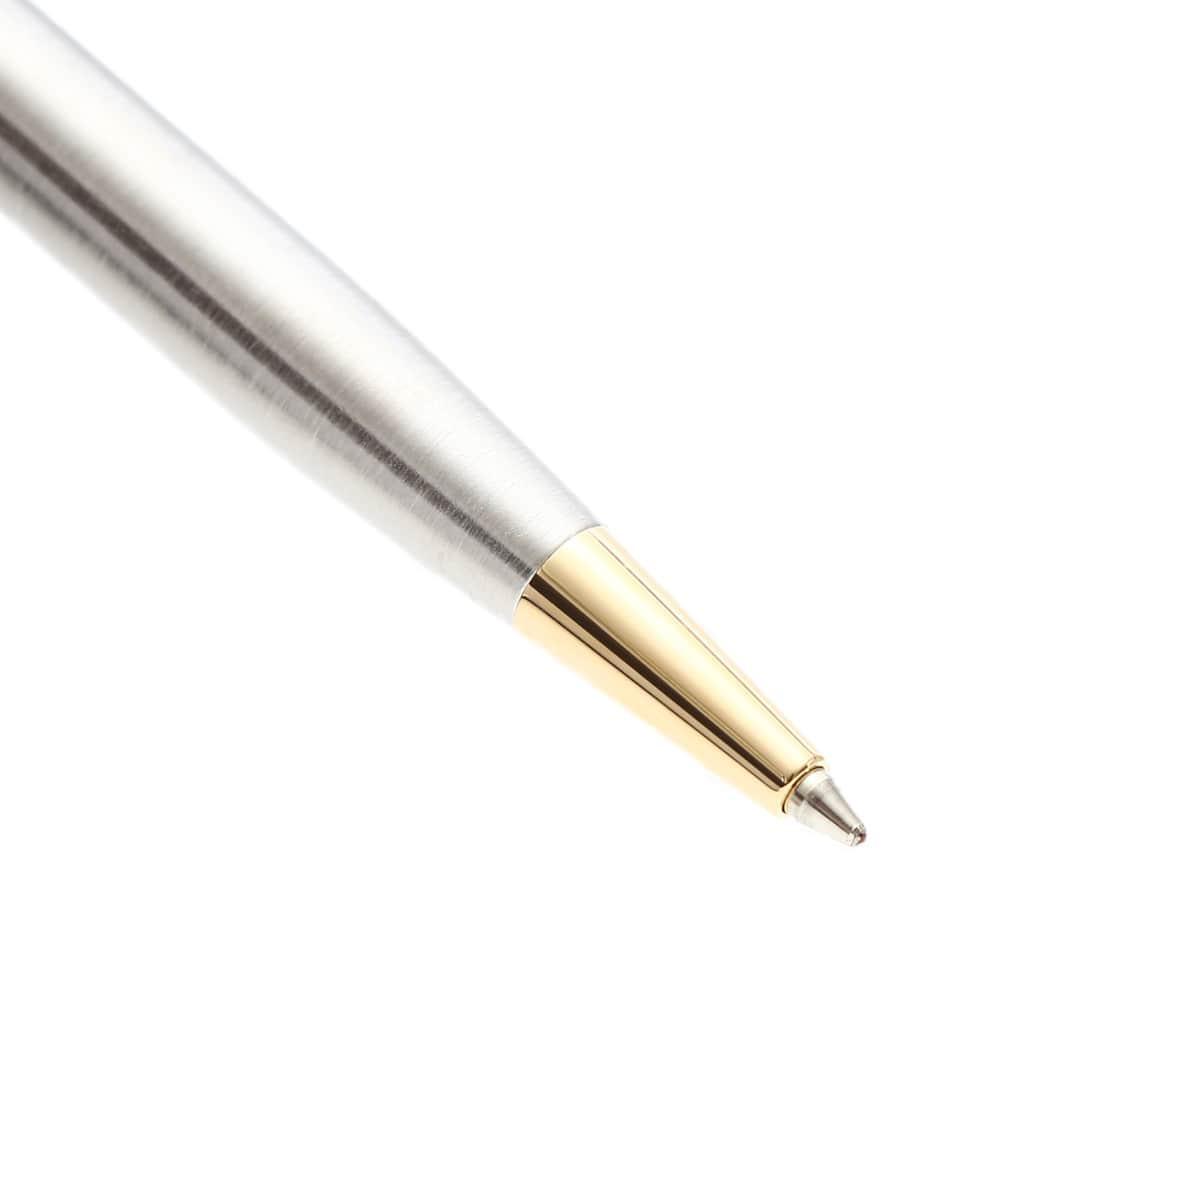 パーカー ソネット スリムボールペン